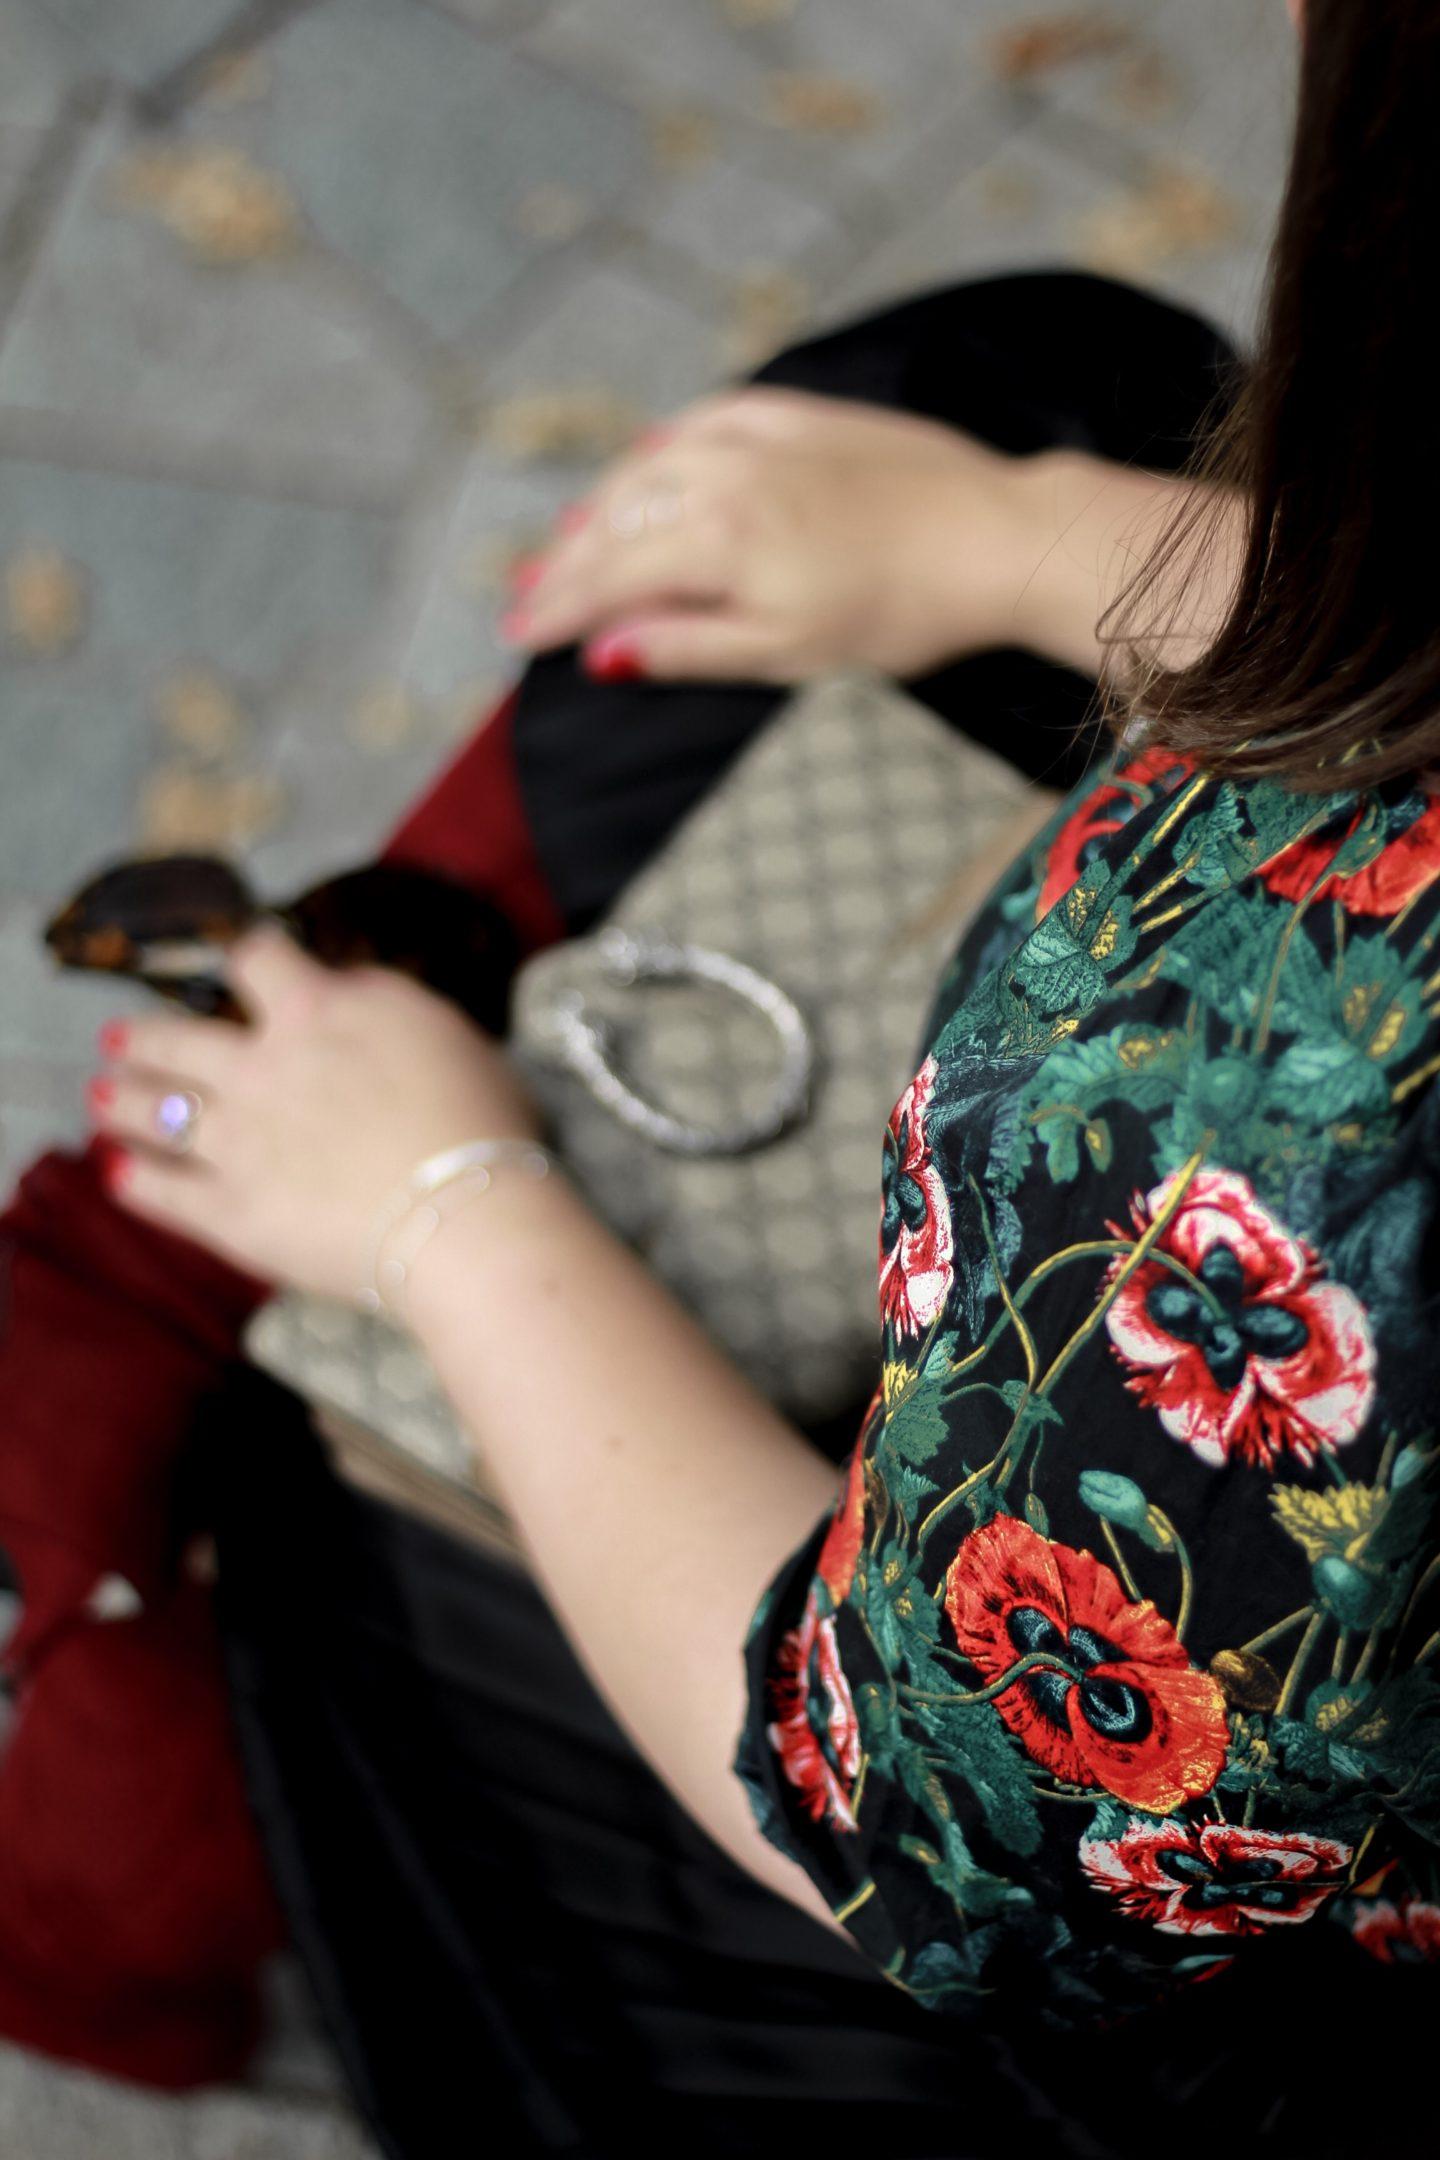 Herbstblumen-Ueber-die-kleinen-Dinge-im-Leben-Miss-Suzie-Loves-Susanne-Heidebach-Herbstoutfit-Herbstlook-Dionysus-Gucci